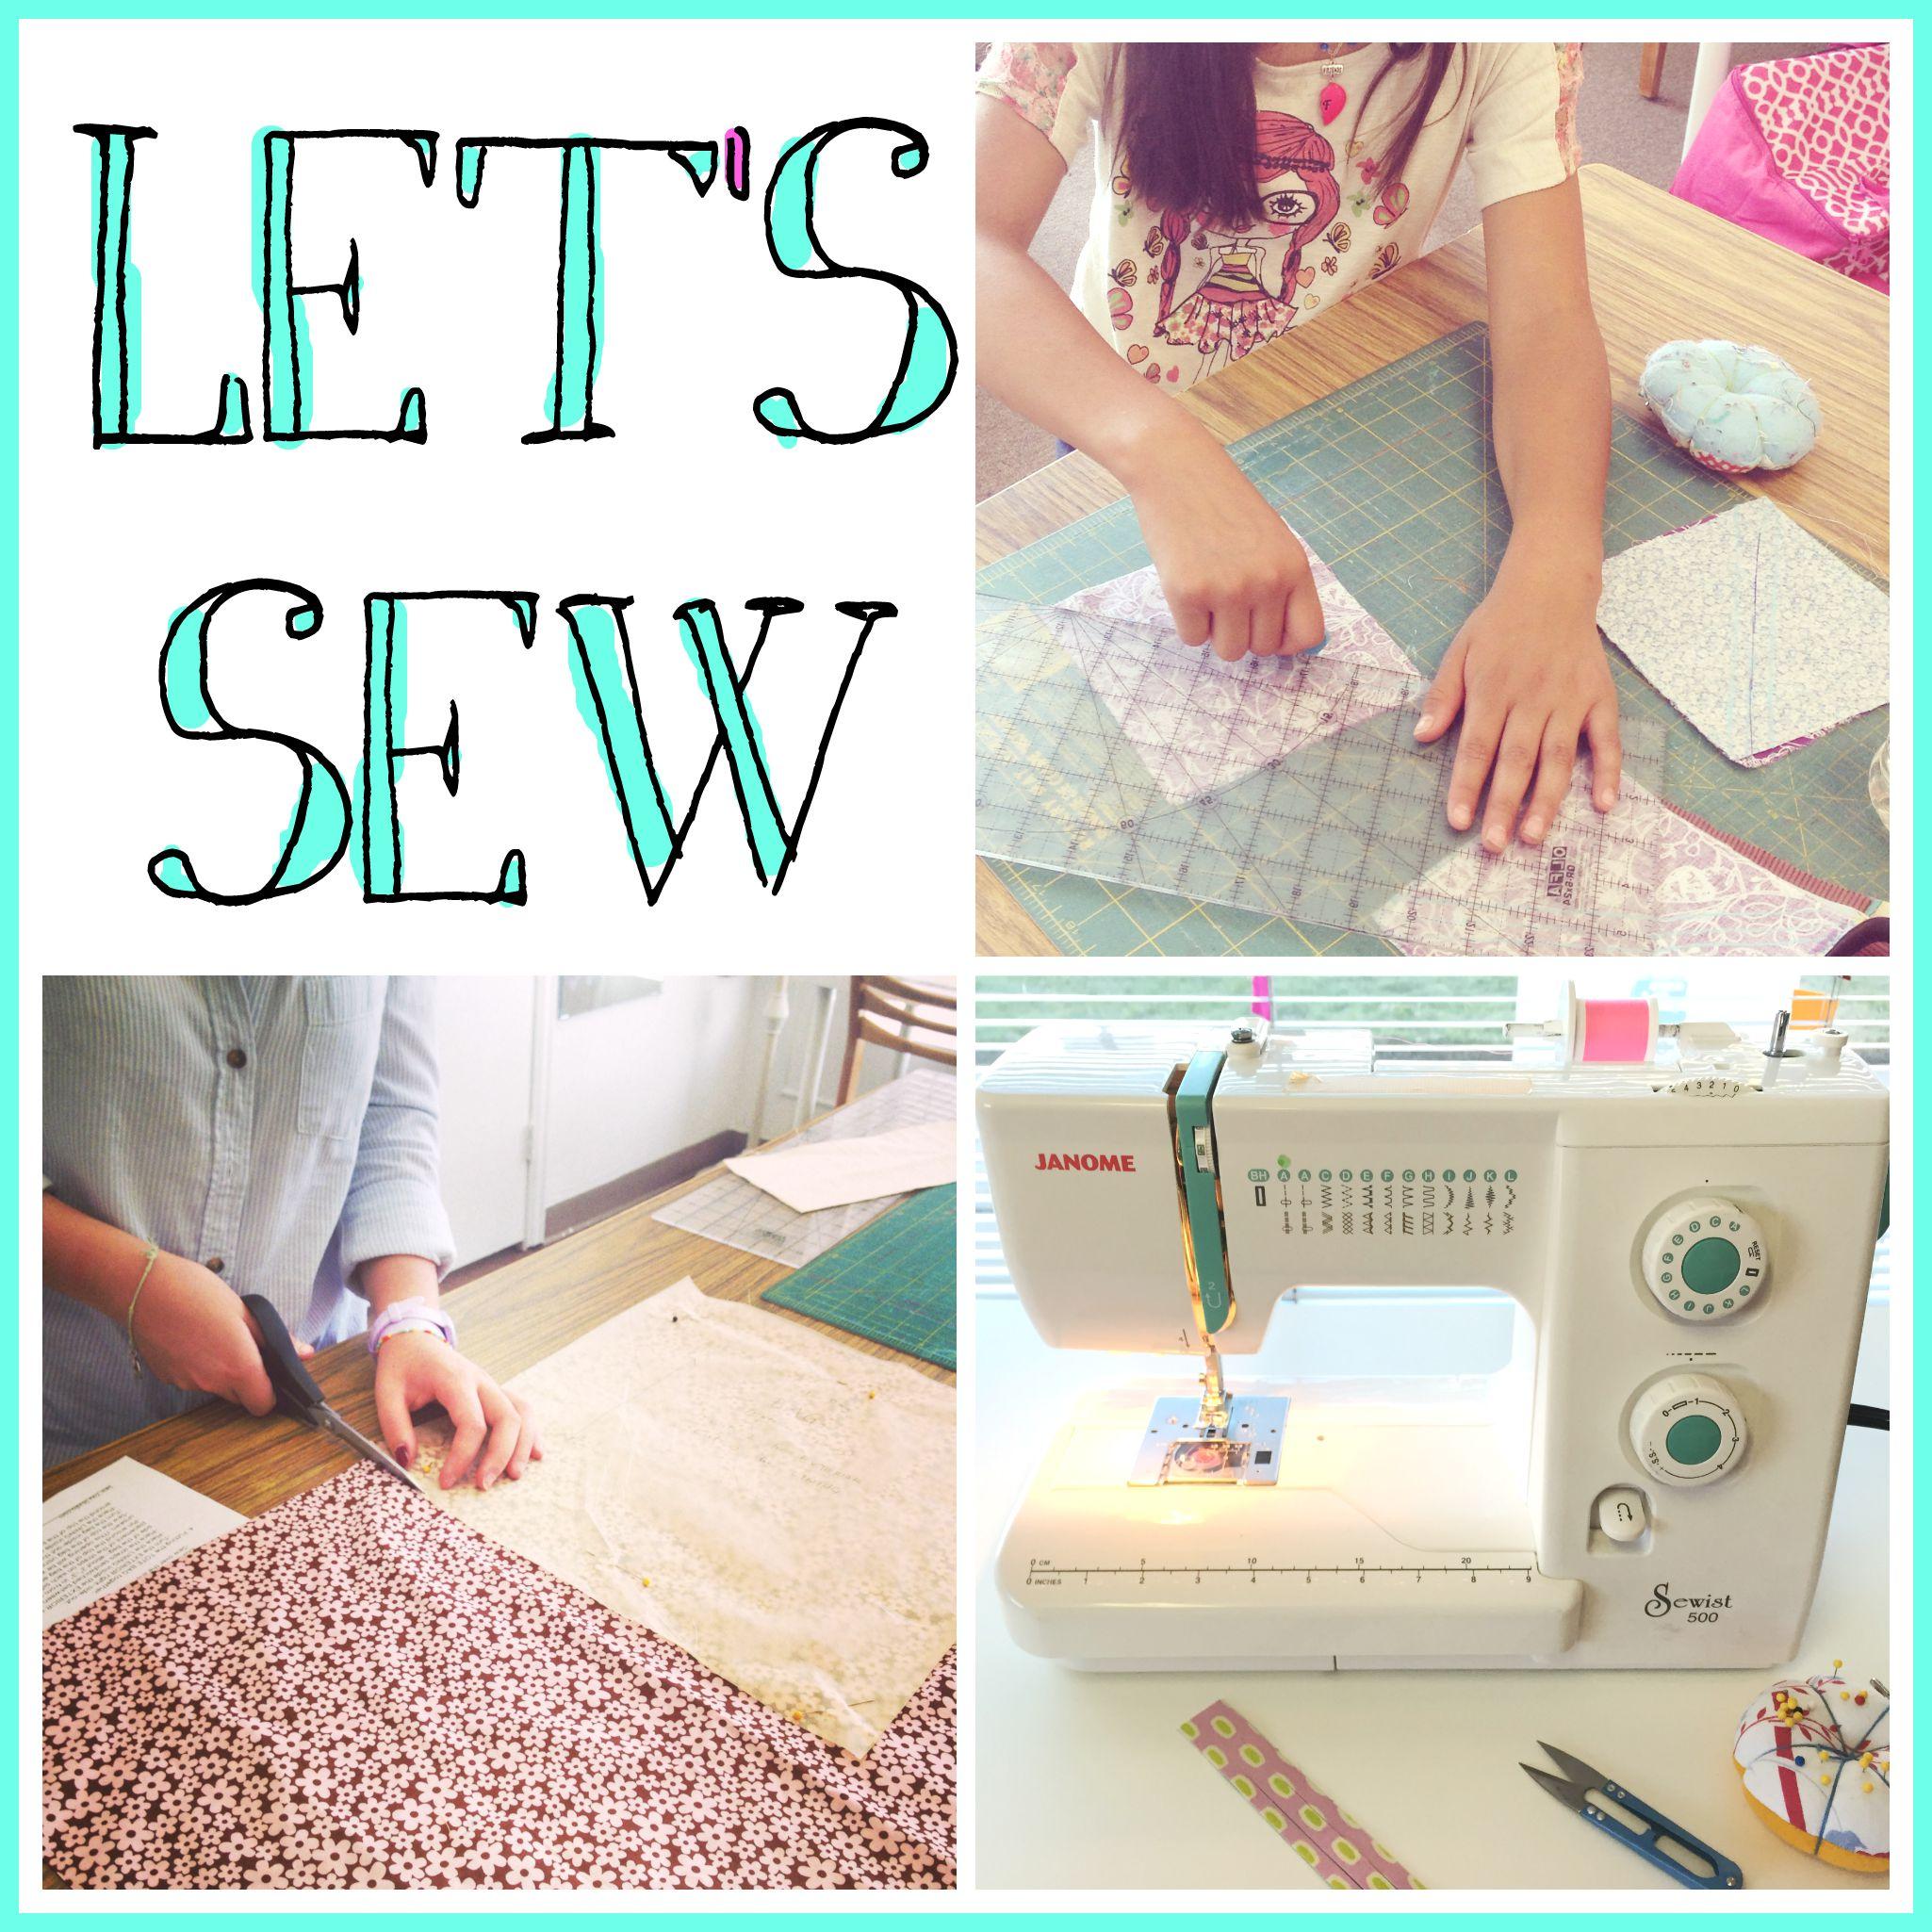 Let's Sew   Sew You Studio